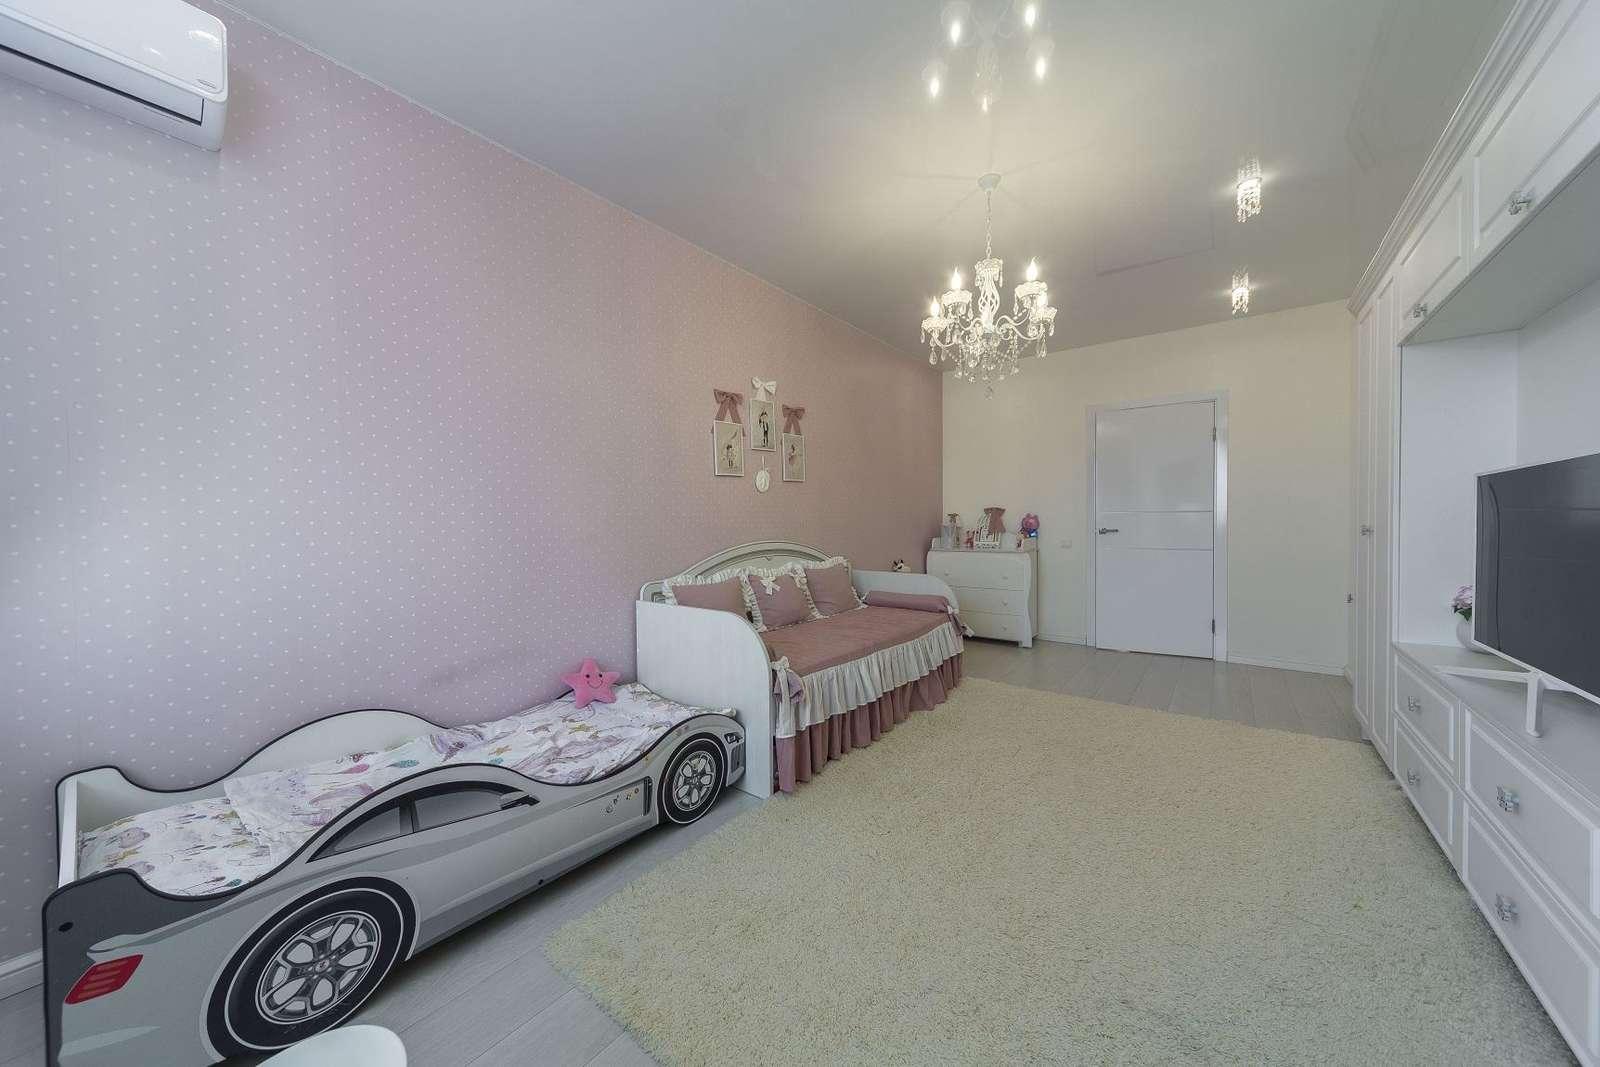 Продажа 3-комнатной квартиры, Самара, 3-й проезд,  дом 50